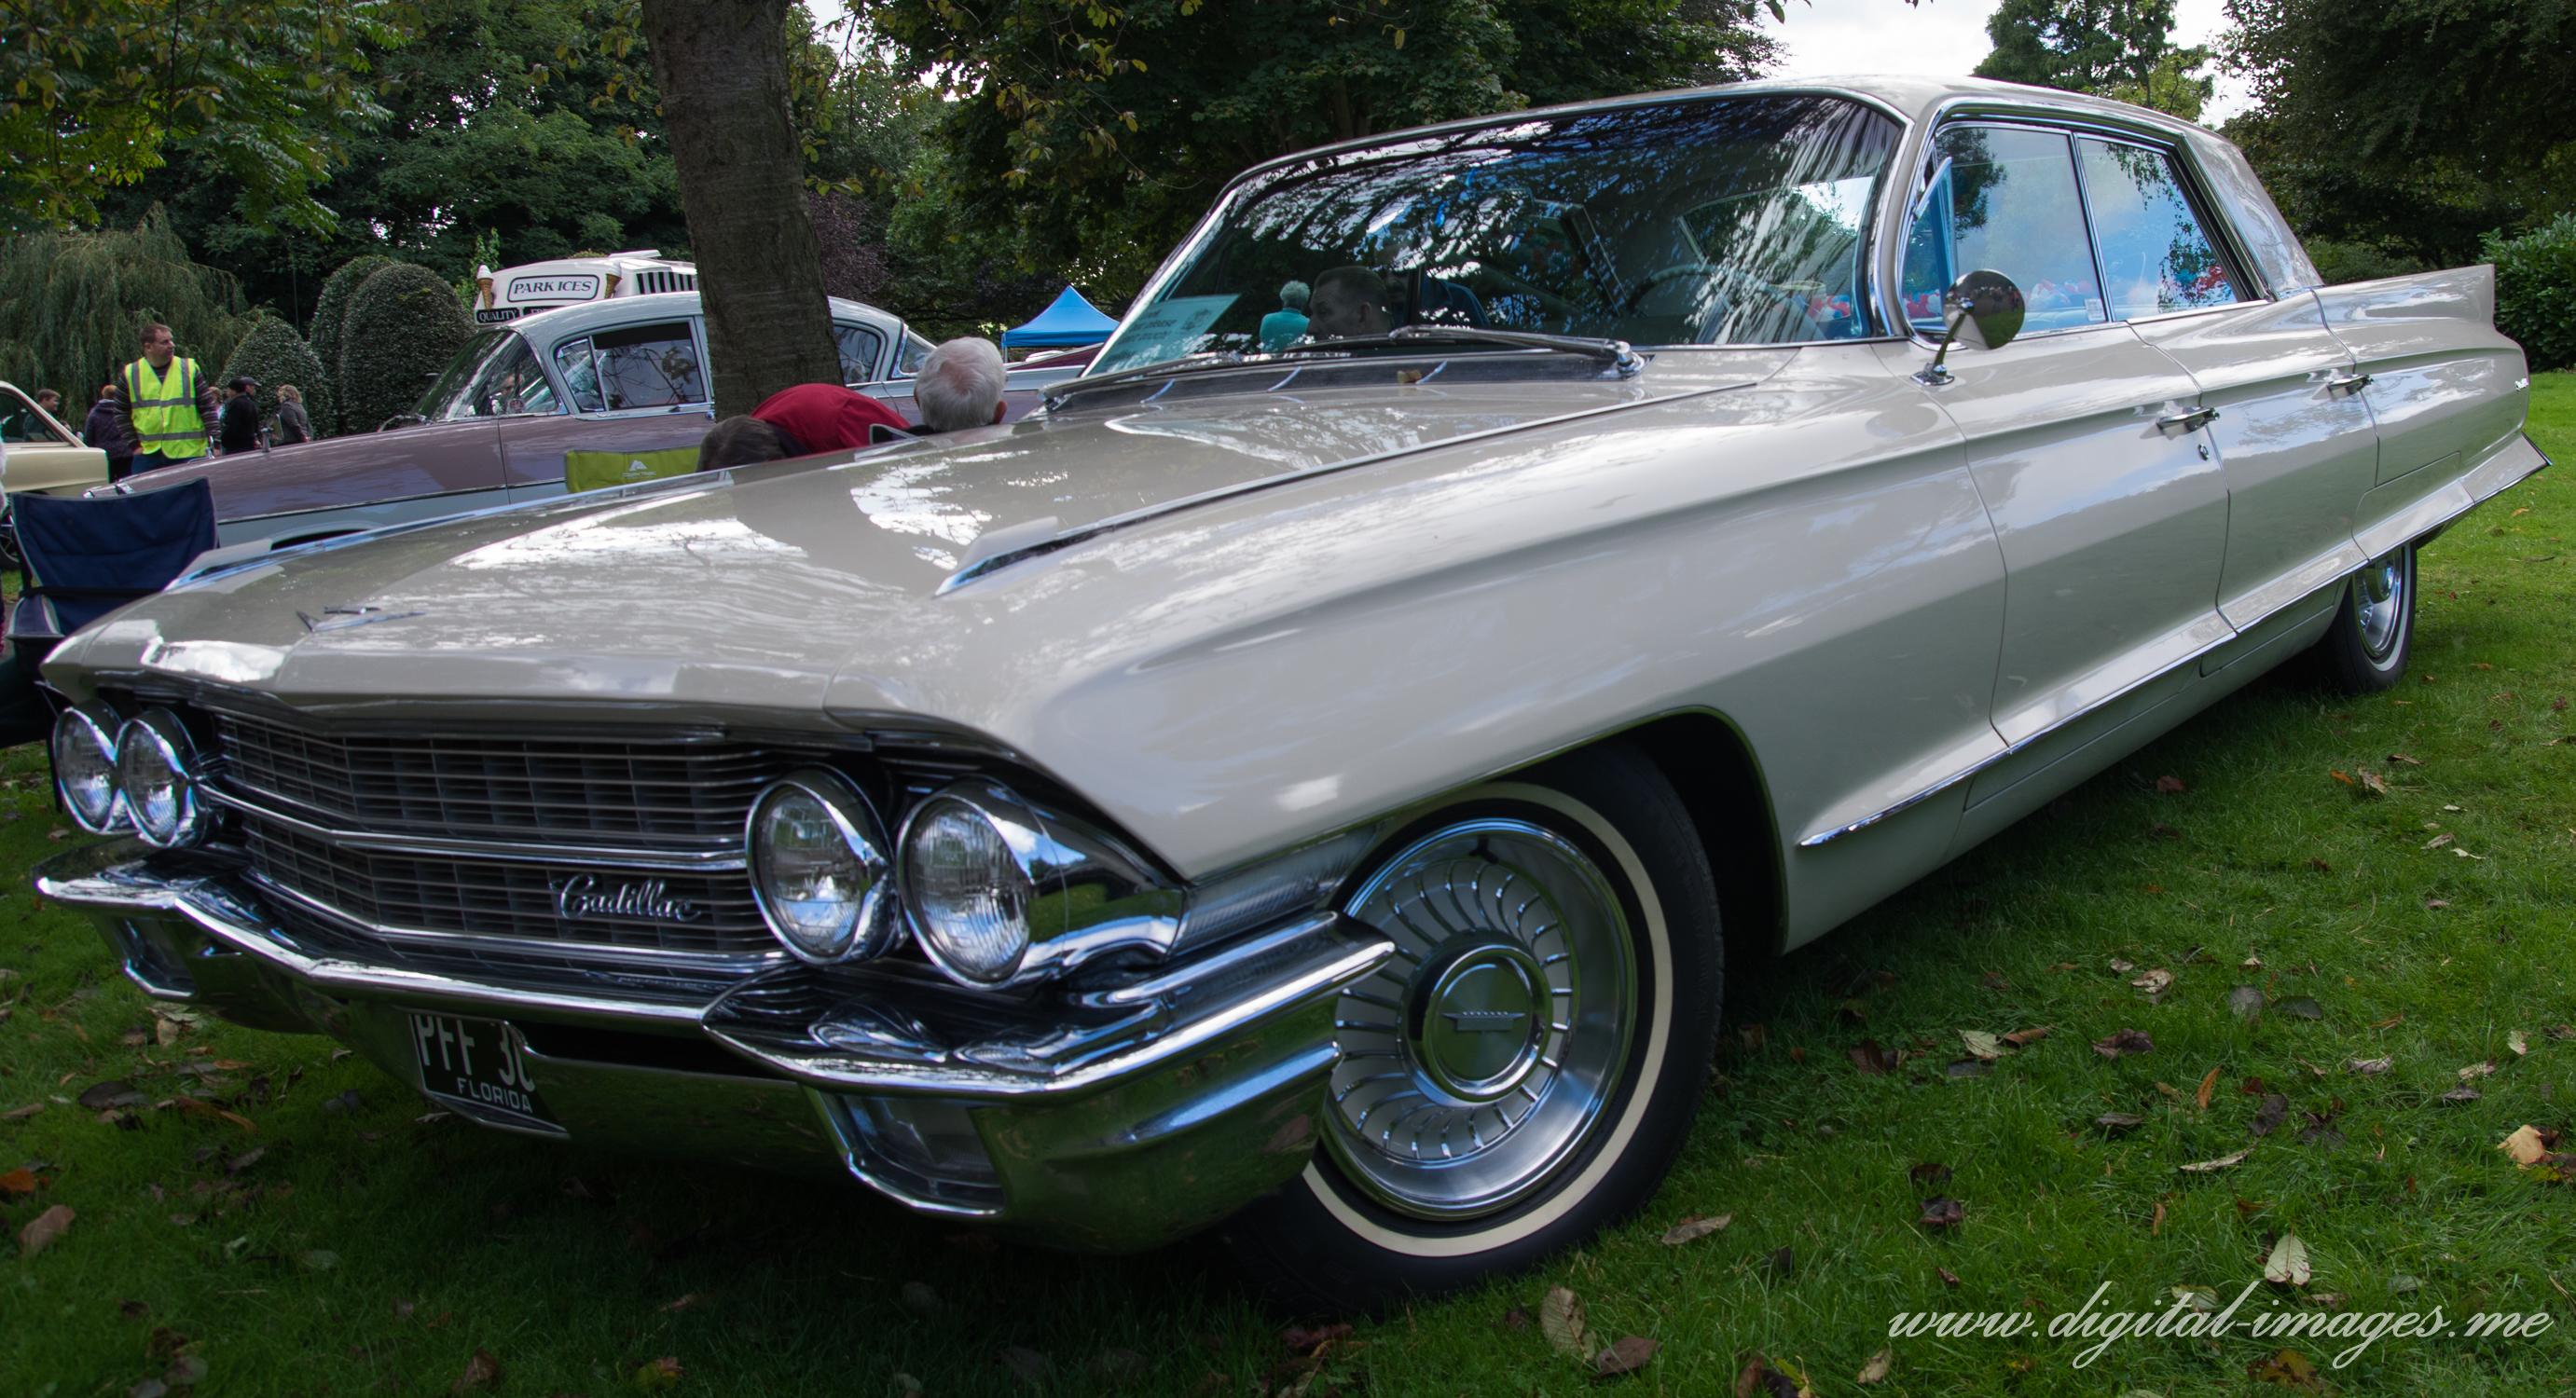 Cadillac at a Car Show